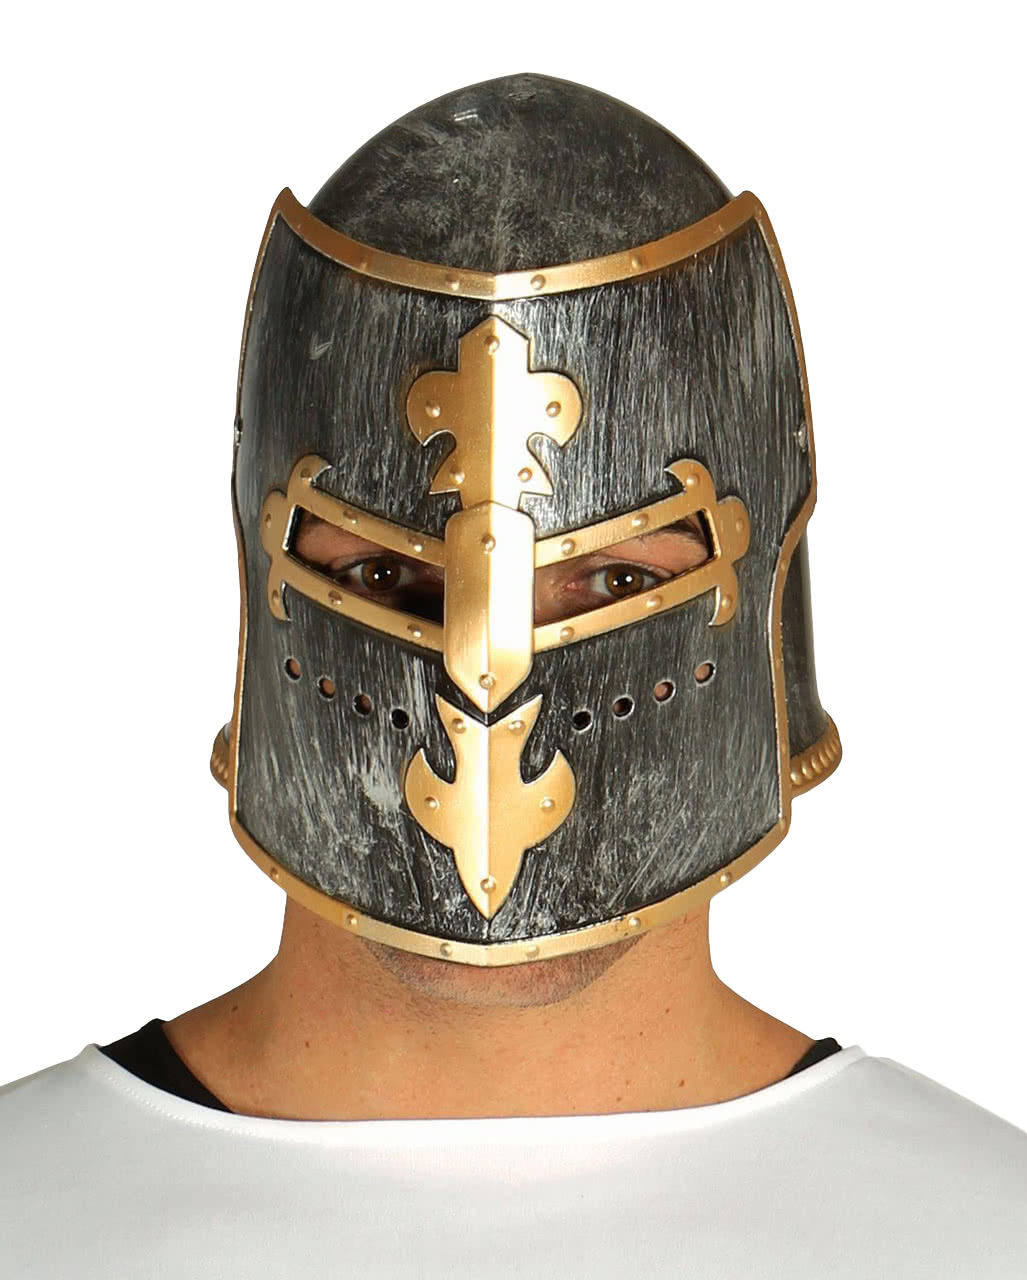 Medieval Knight Helmet  sc 1 st  Horror-Shop.com & Medieval Knight Helmet | Head of the cross | horror-shop.com